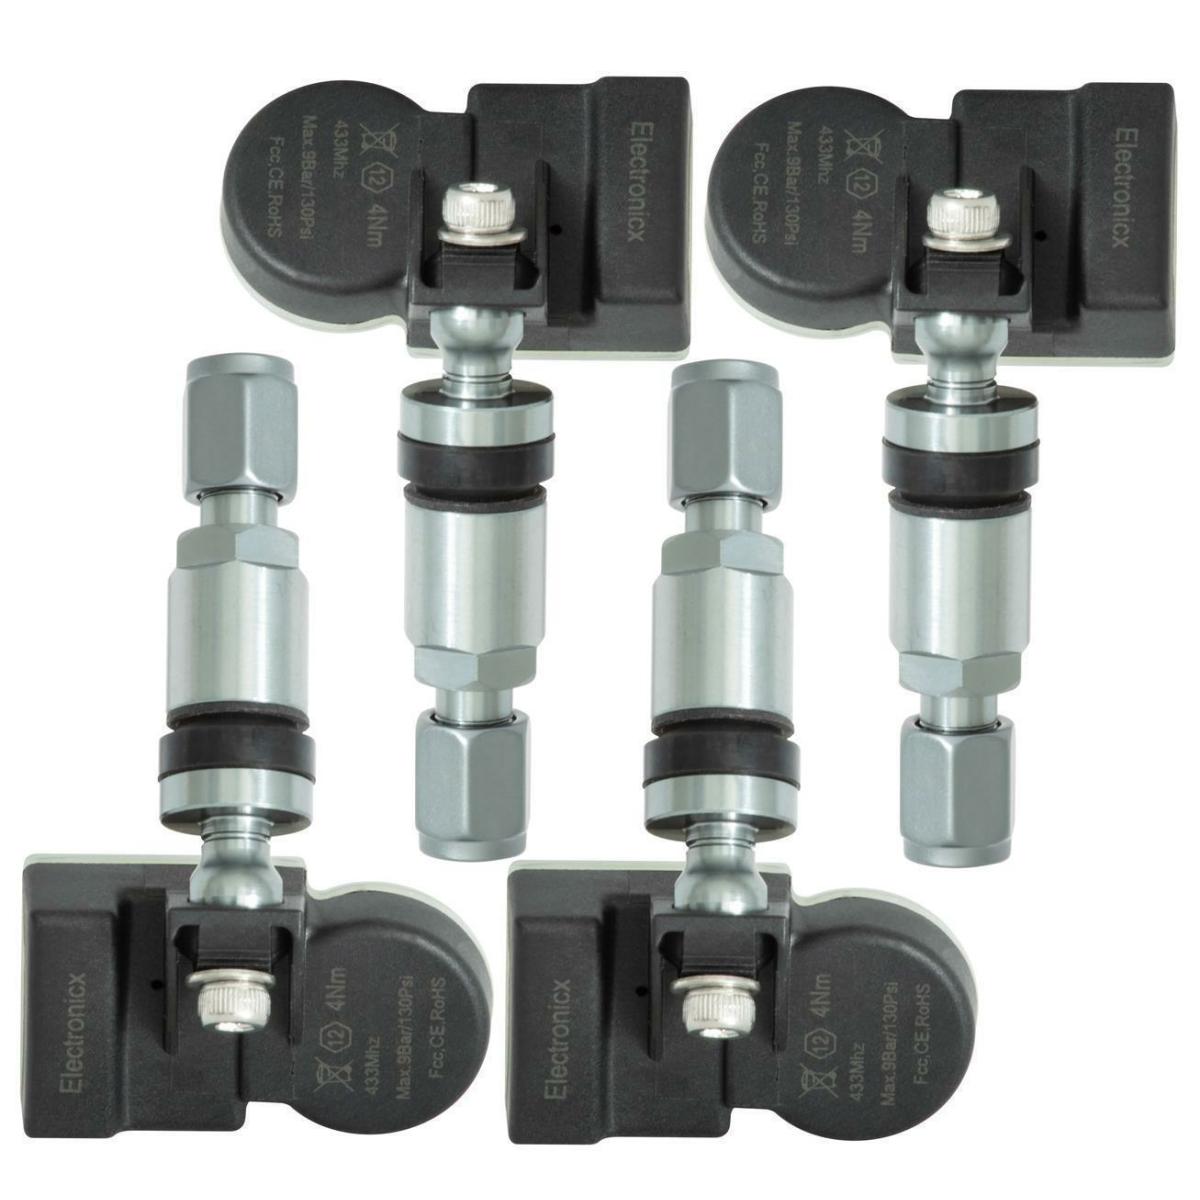 4x TPMS tire pressure sensors metal valve Darkgrey for Audi Bentley Lamborghini